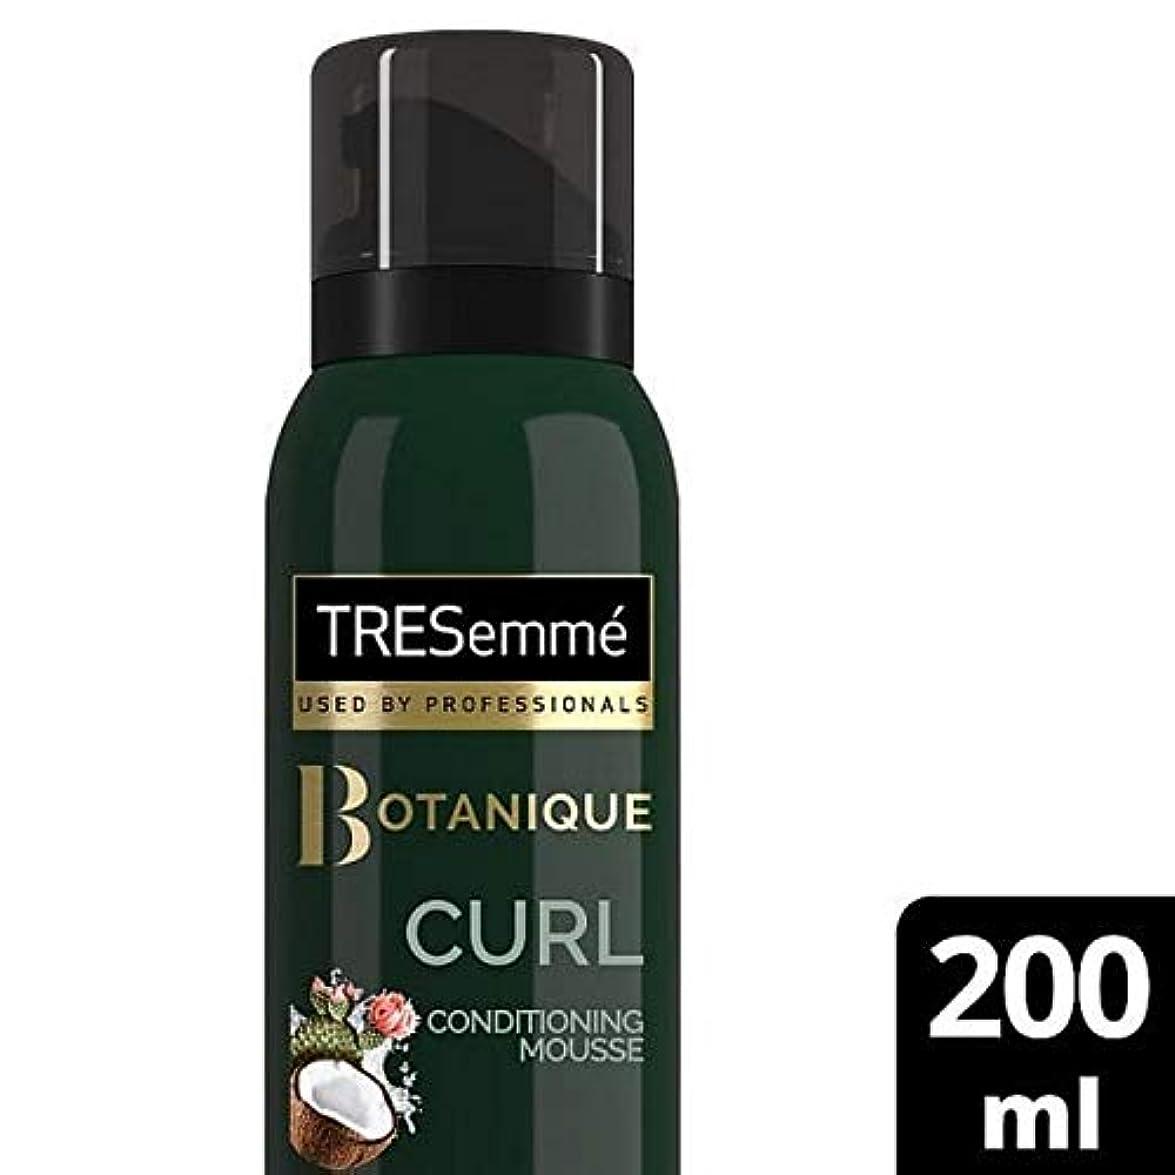 古くなったポットカンガルー[Tresemme] Tresemmeカールコンディショニングムース20ミリリットル - TRESemme Curl Conditioning Mousse 20ml [並行輸入品]